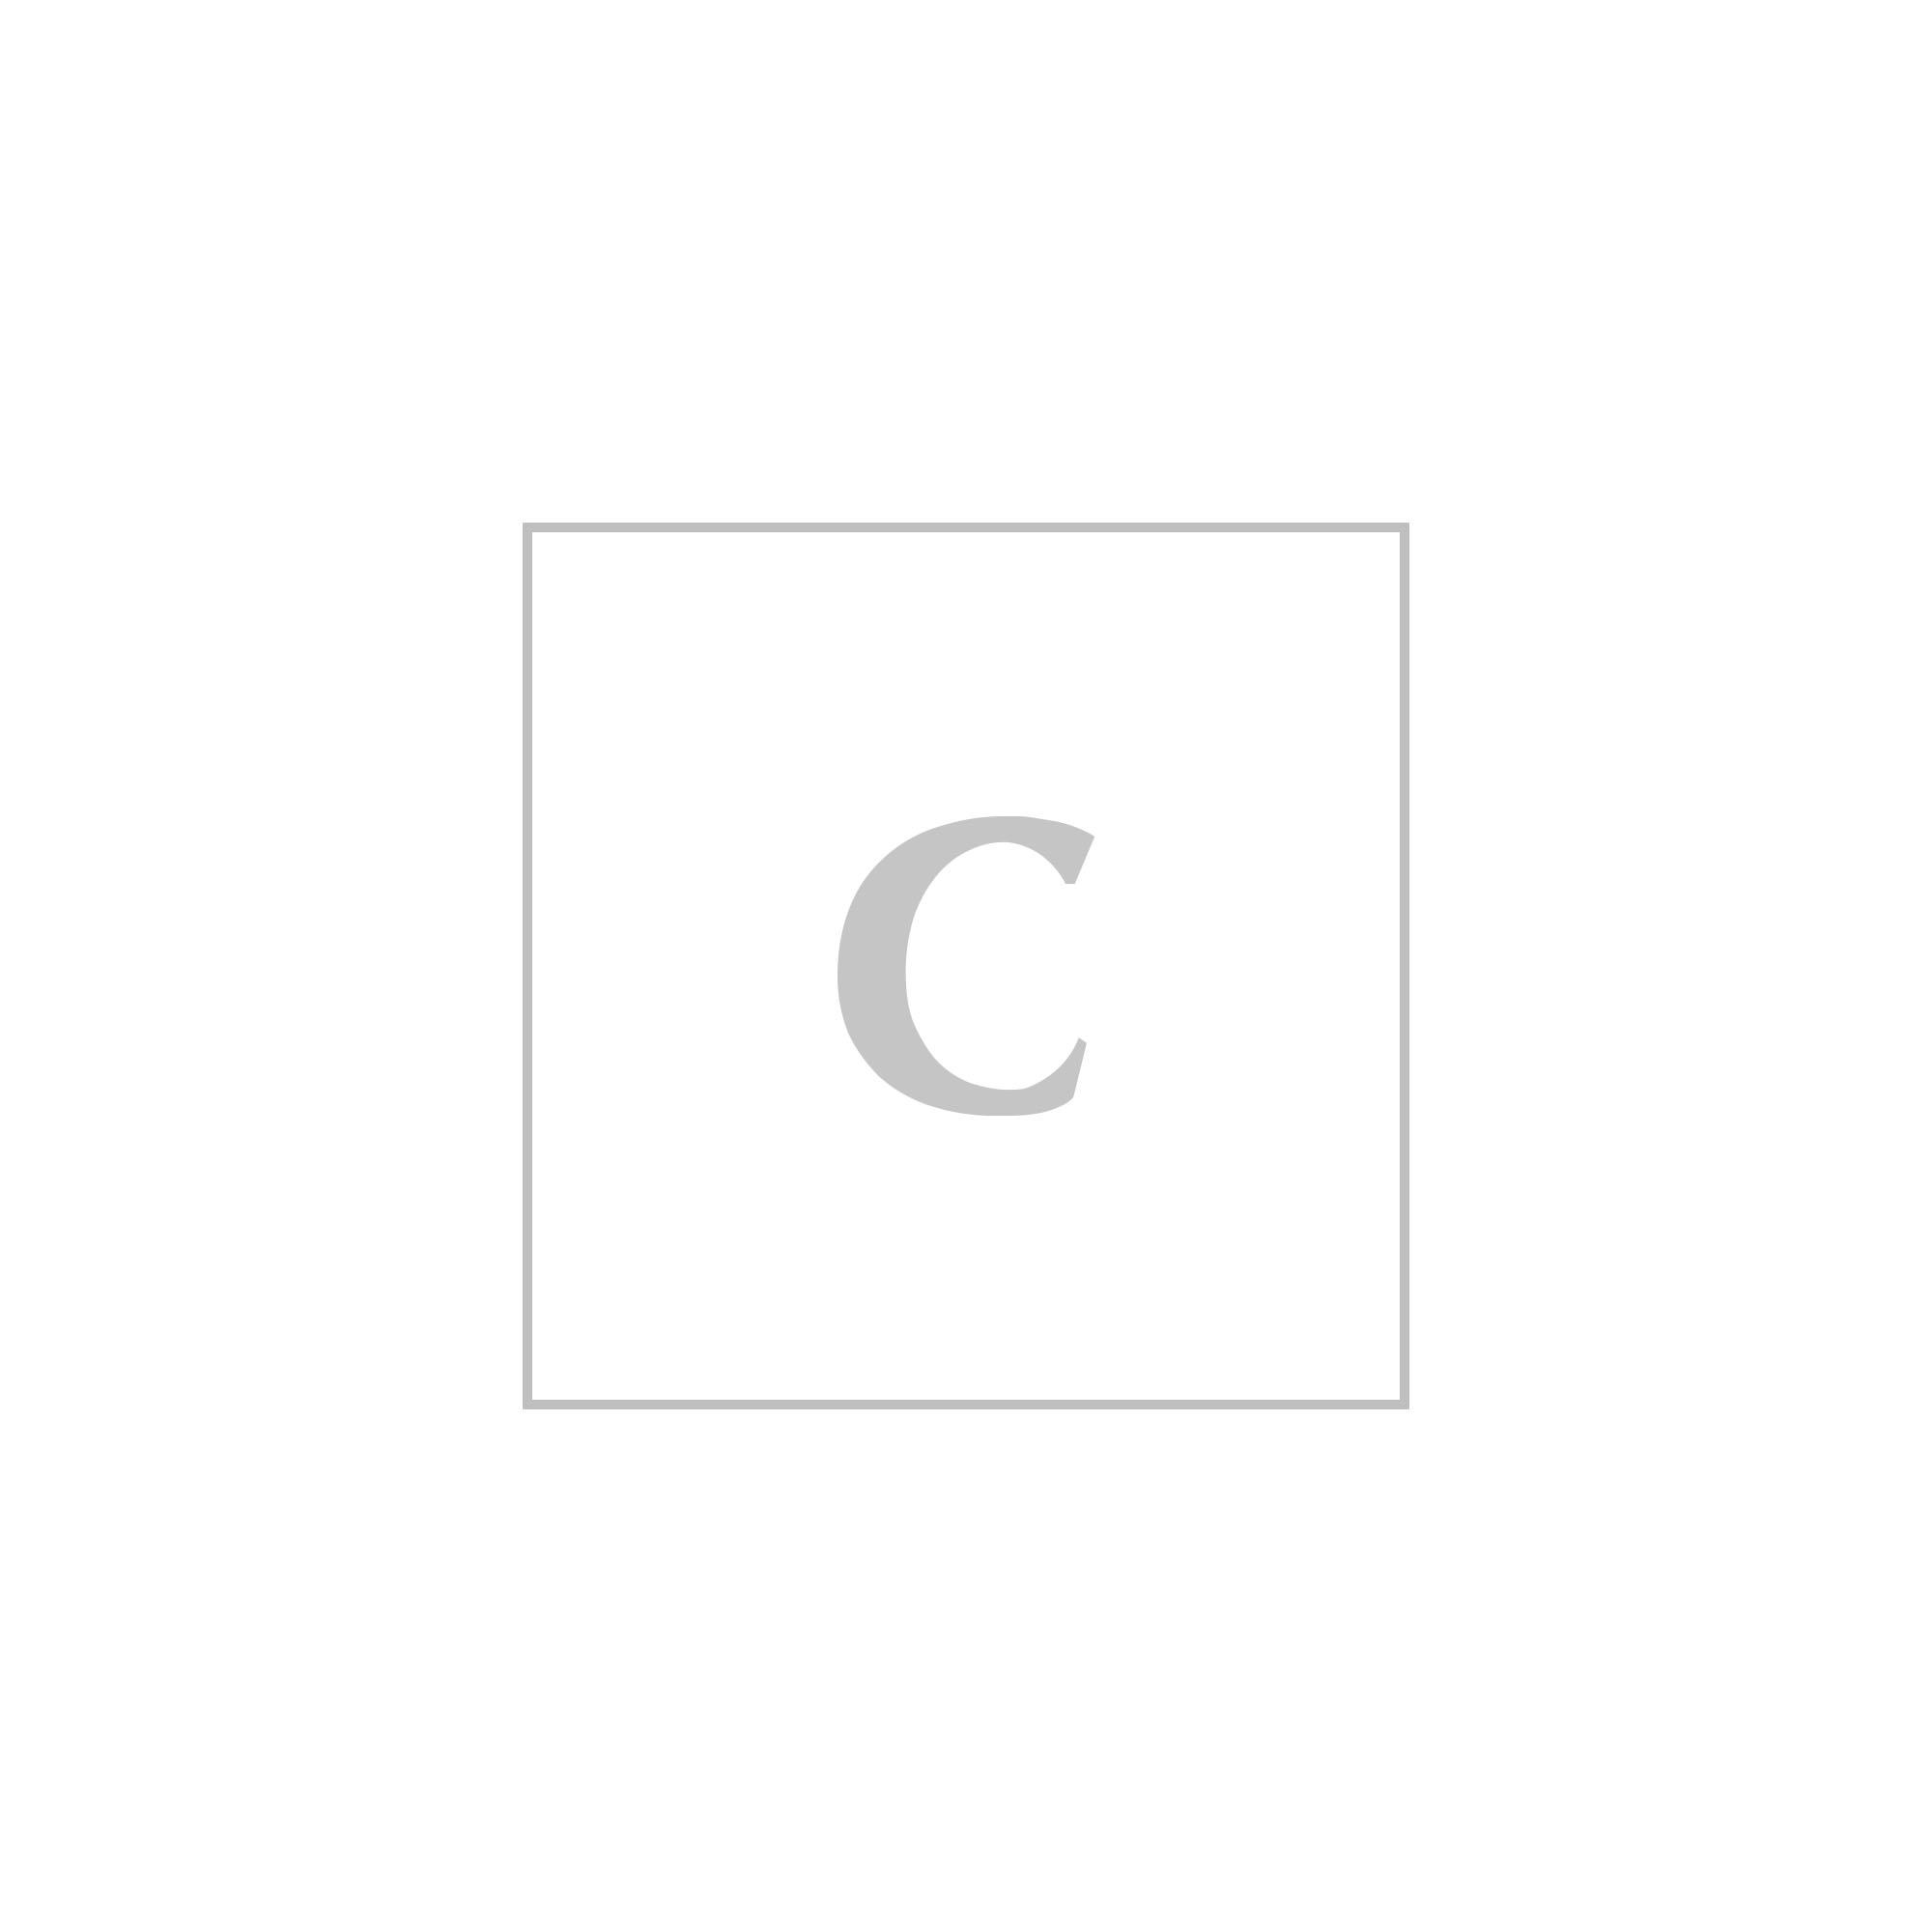 Stella mccartney borsa falabella mini tote